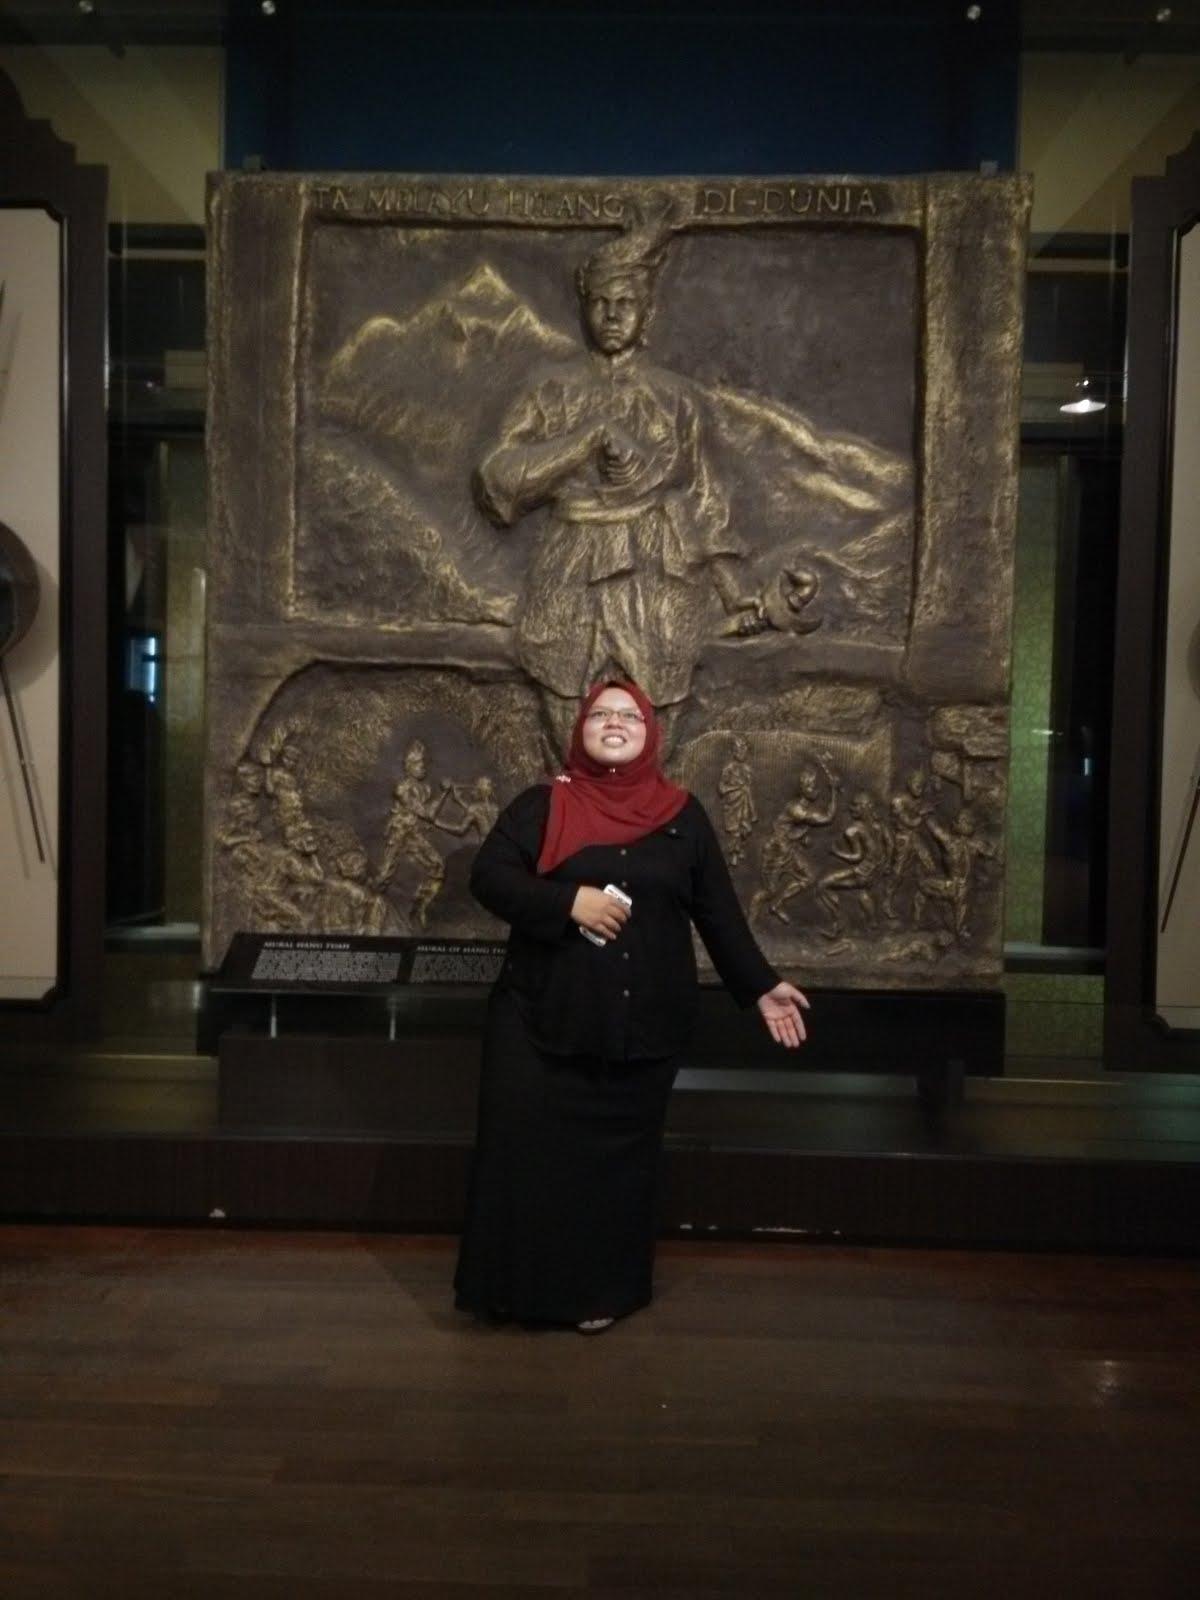 Qaseh Elyana